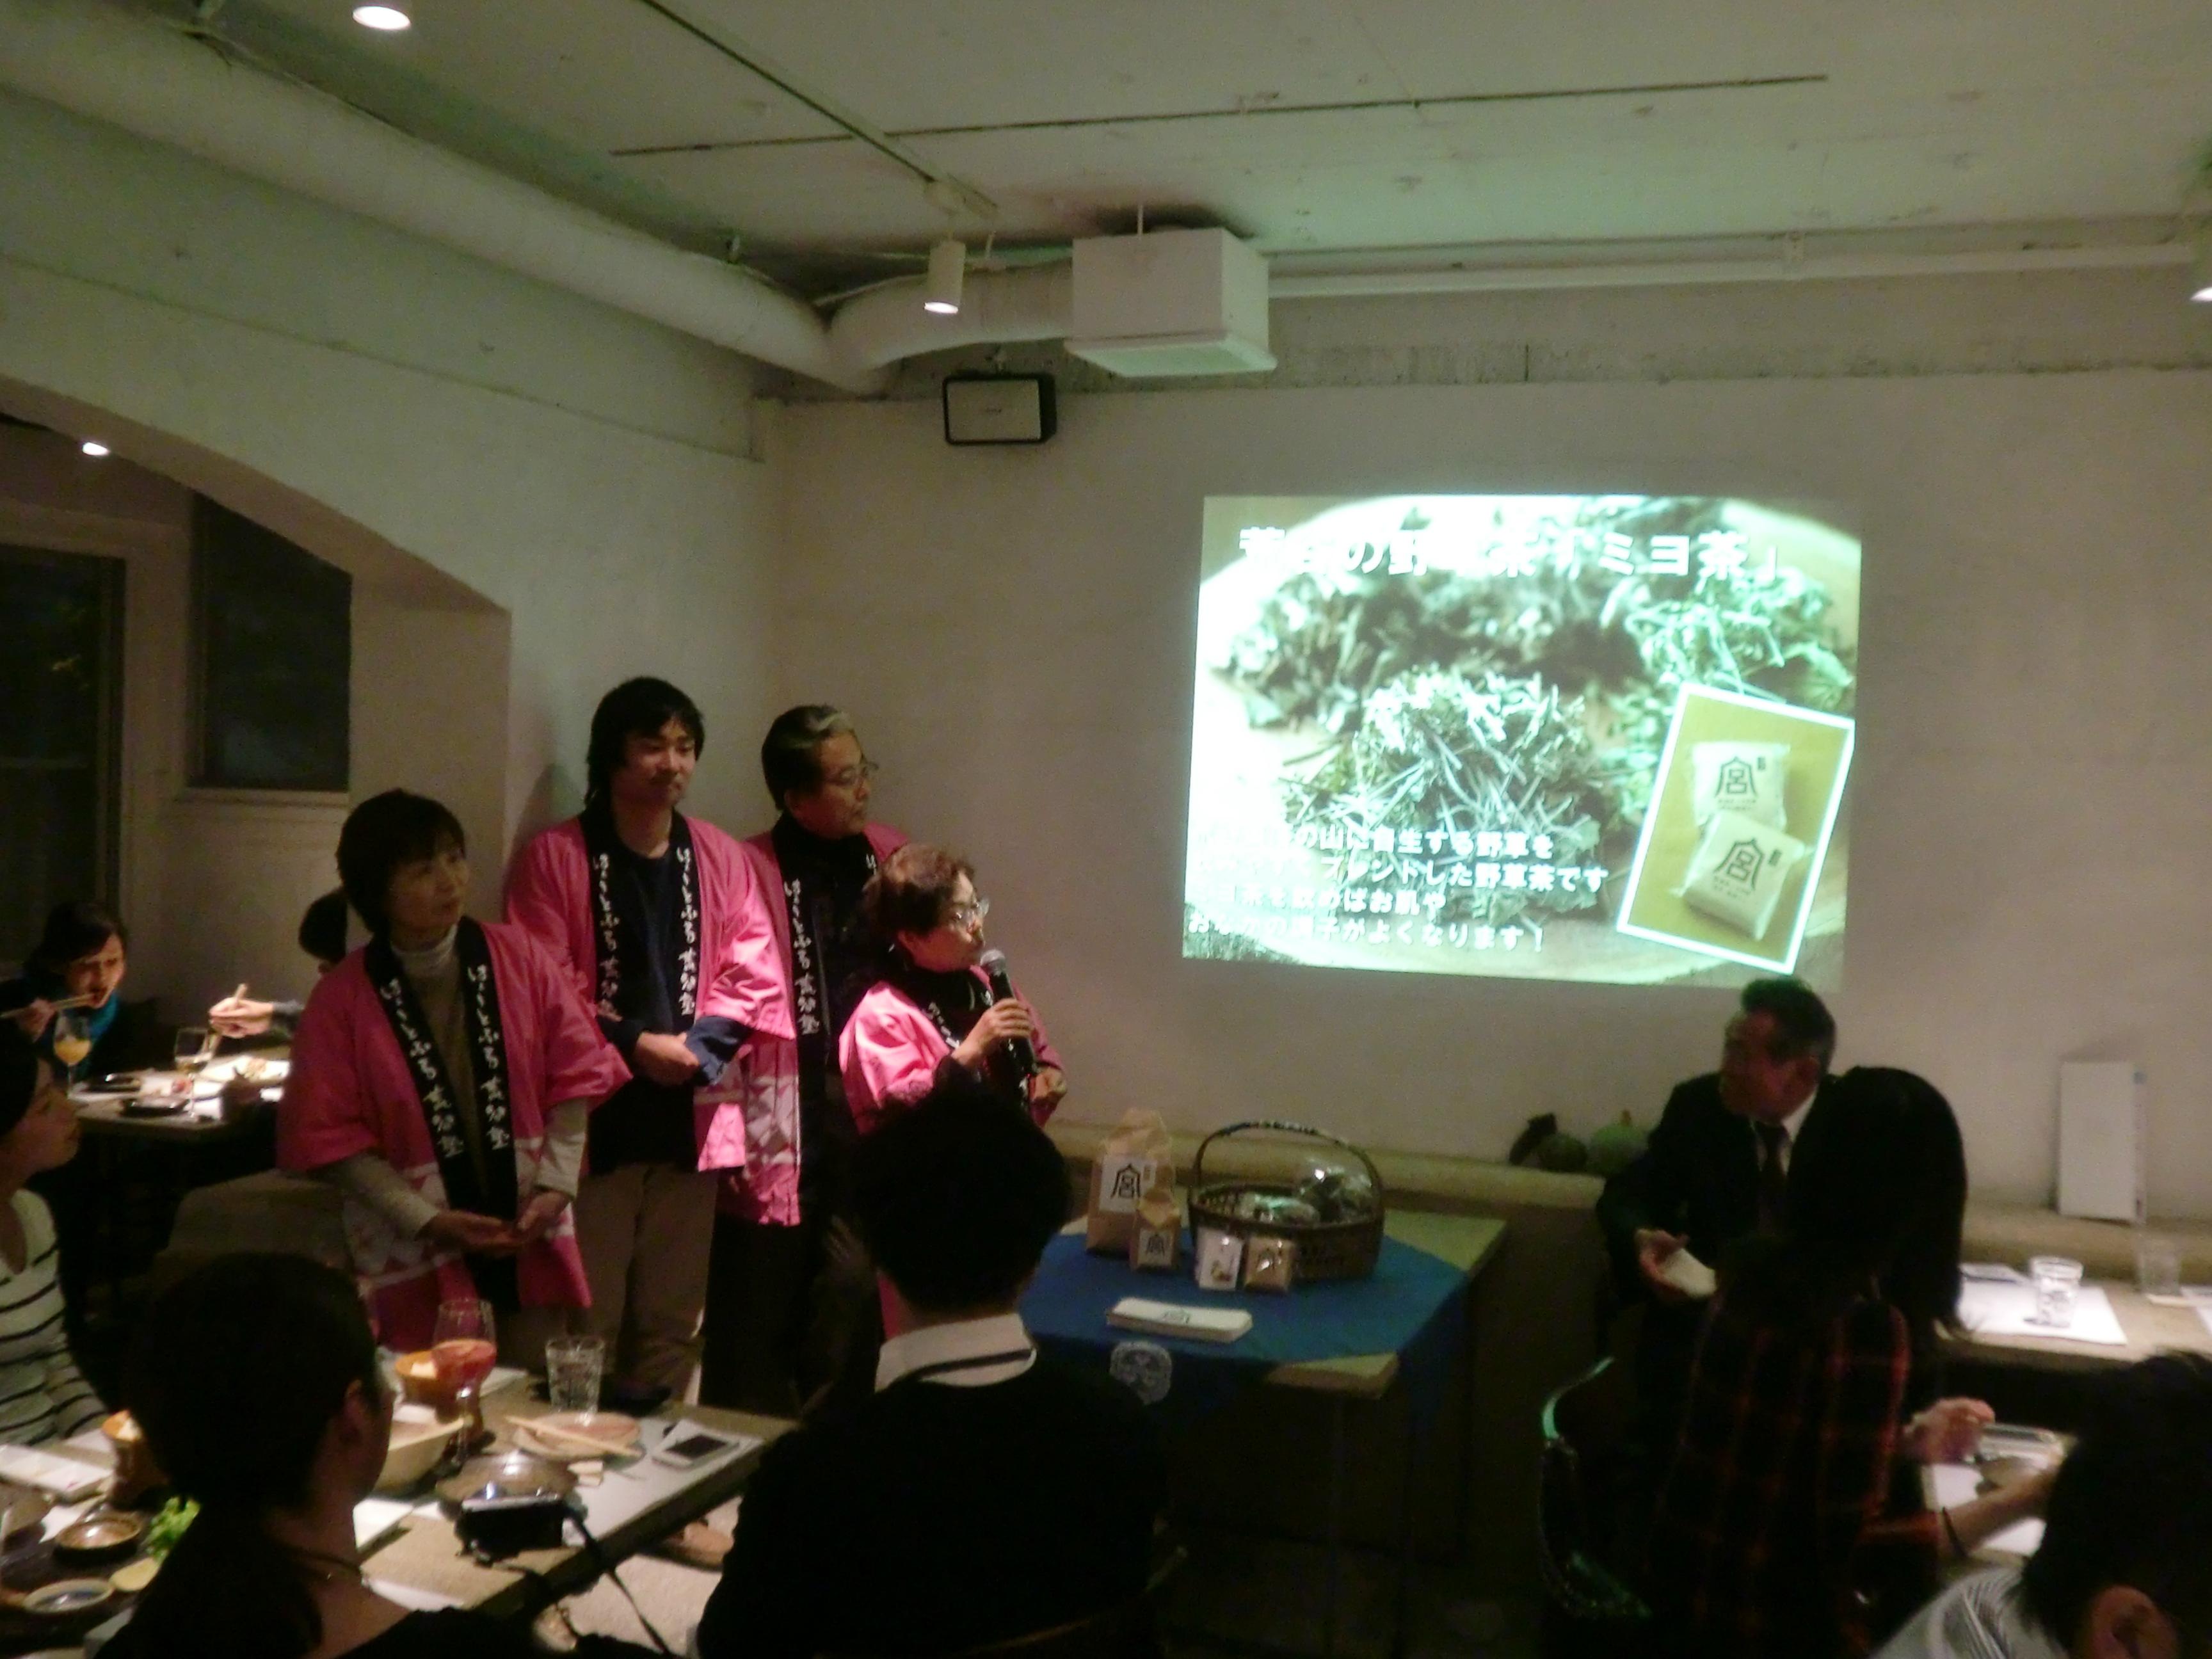 六本木農園の農家ライブで、「ミヨ茶」を紹介する様子。瞬く間に完売し、イベントは大盛況だった。